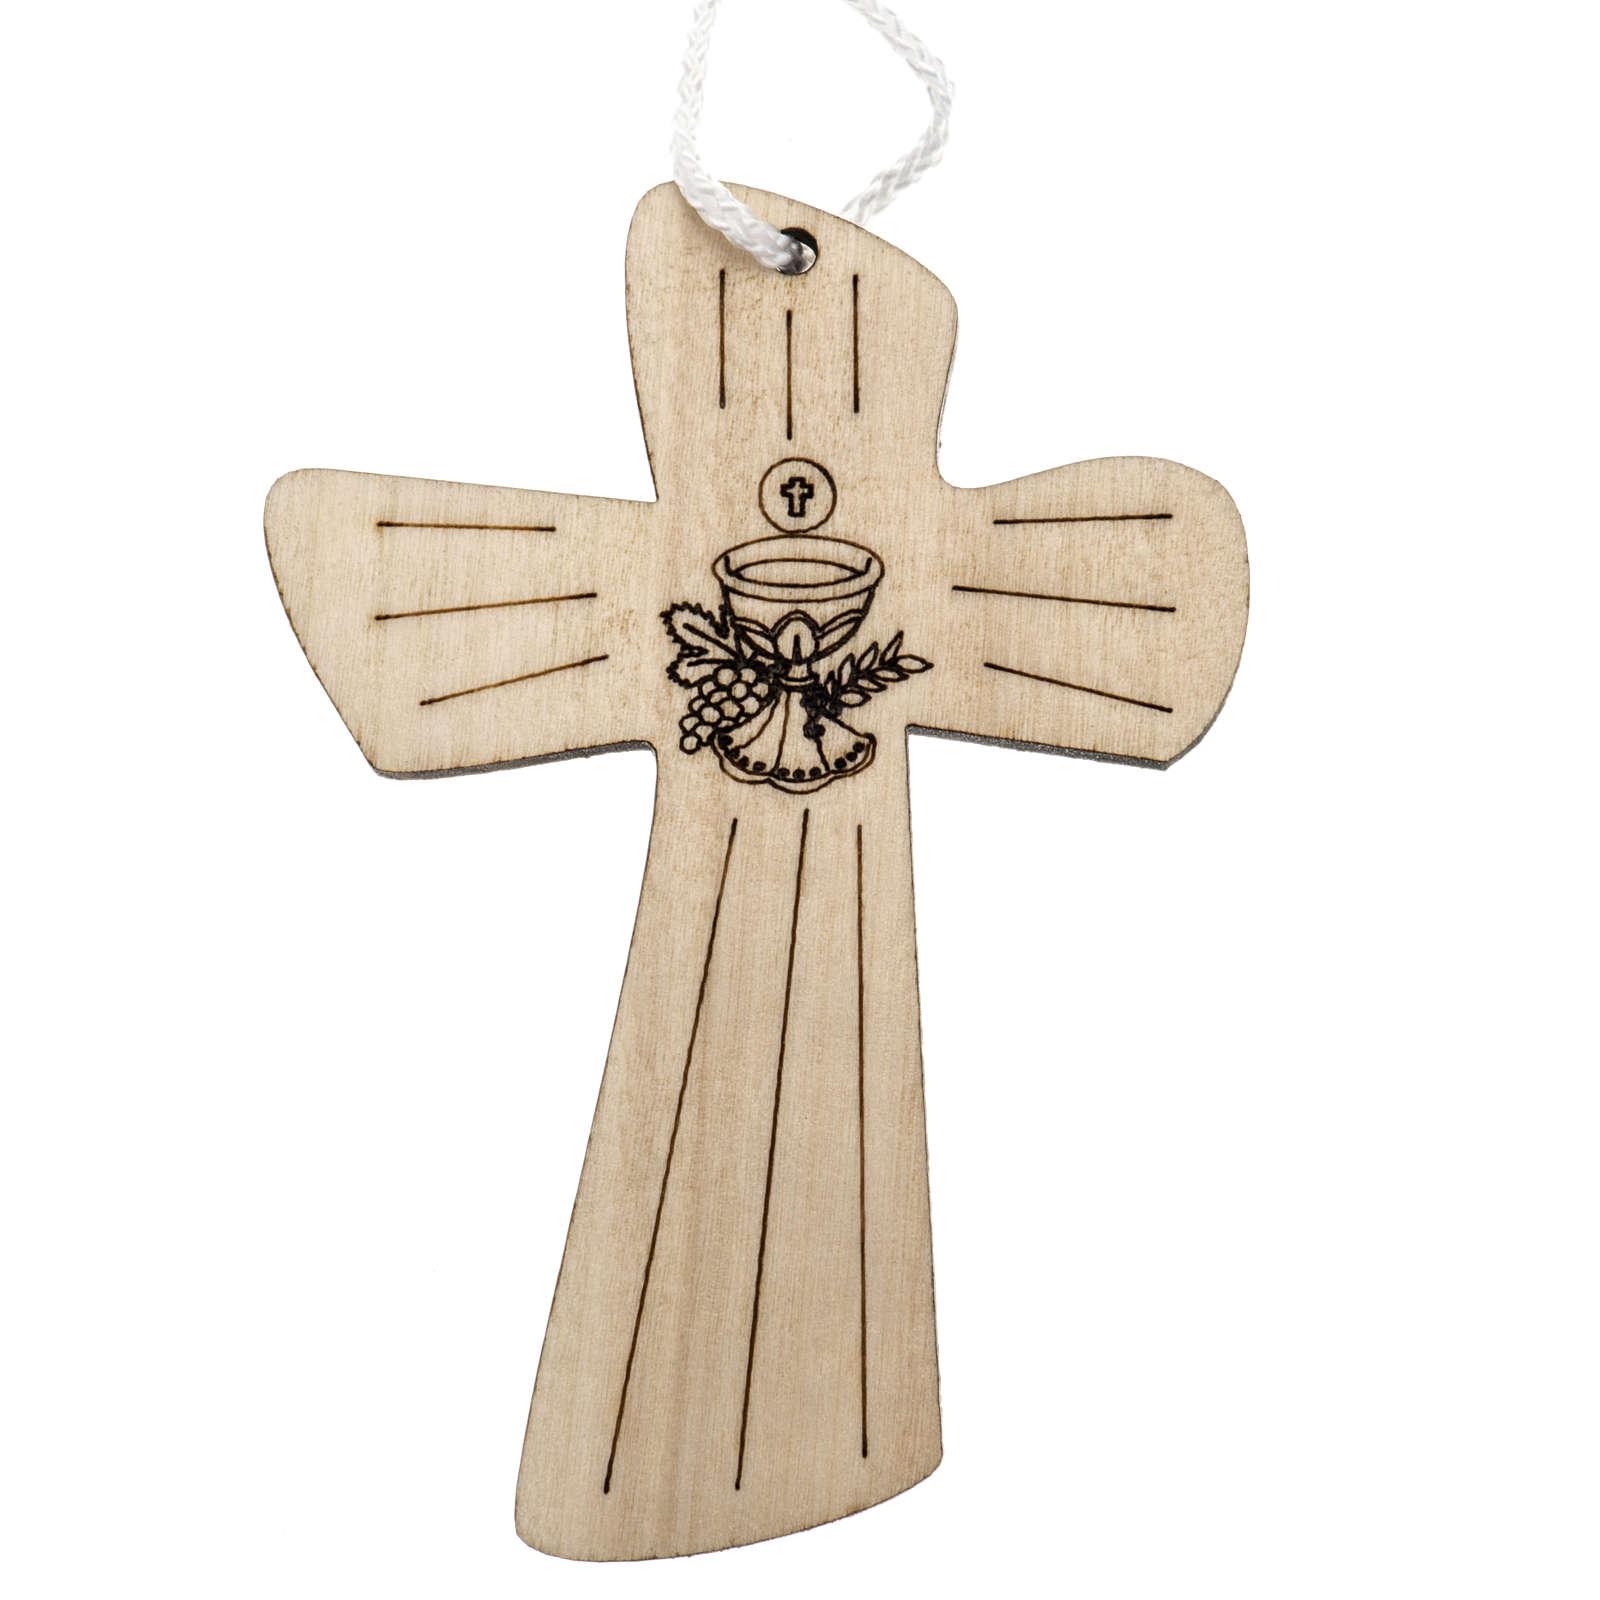 Holzkreuz für Erstkommunion mit Kelch- und Hostienmotiv 9,8x7,2 cm 4